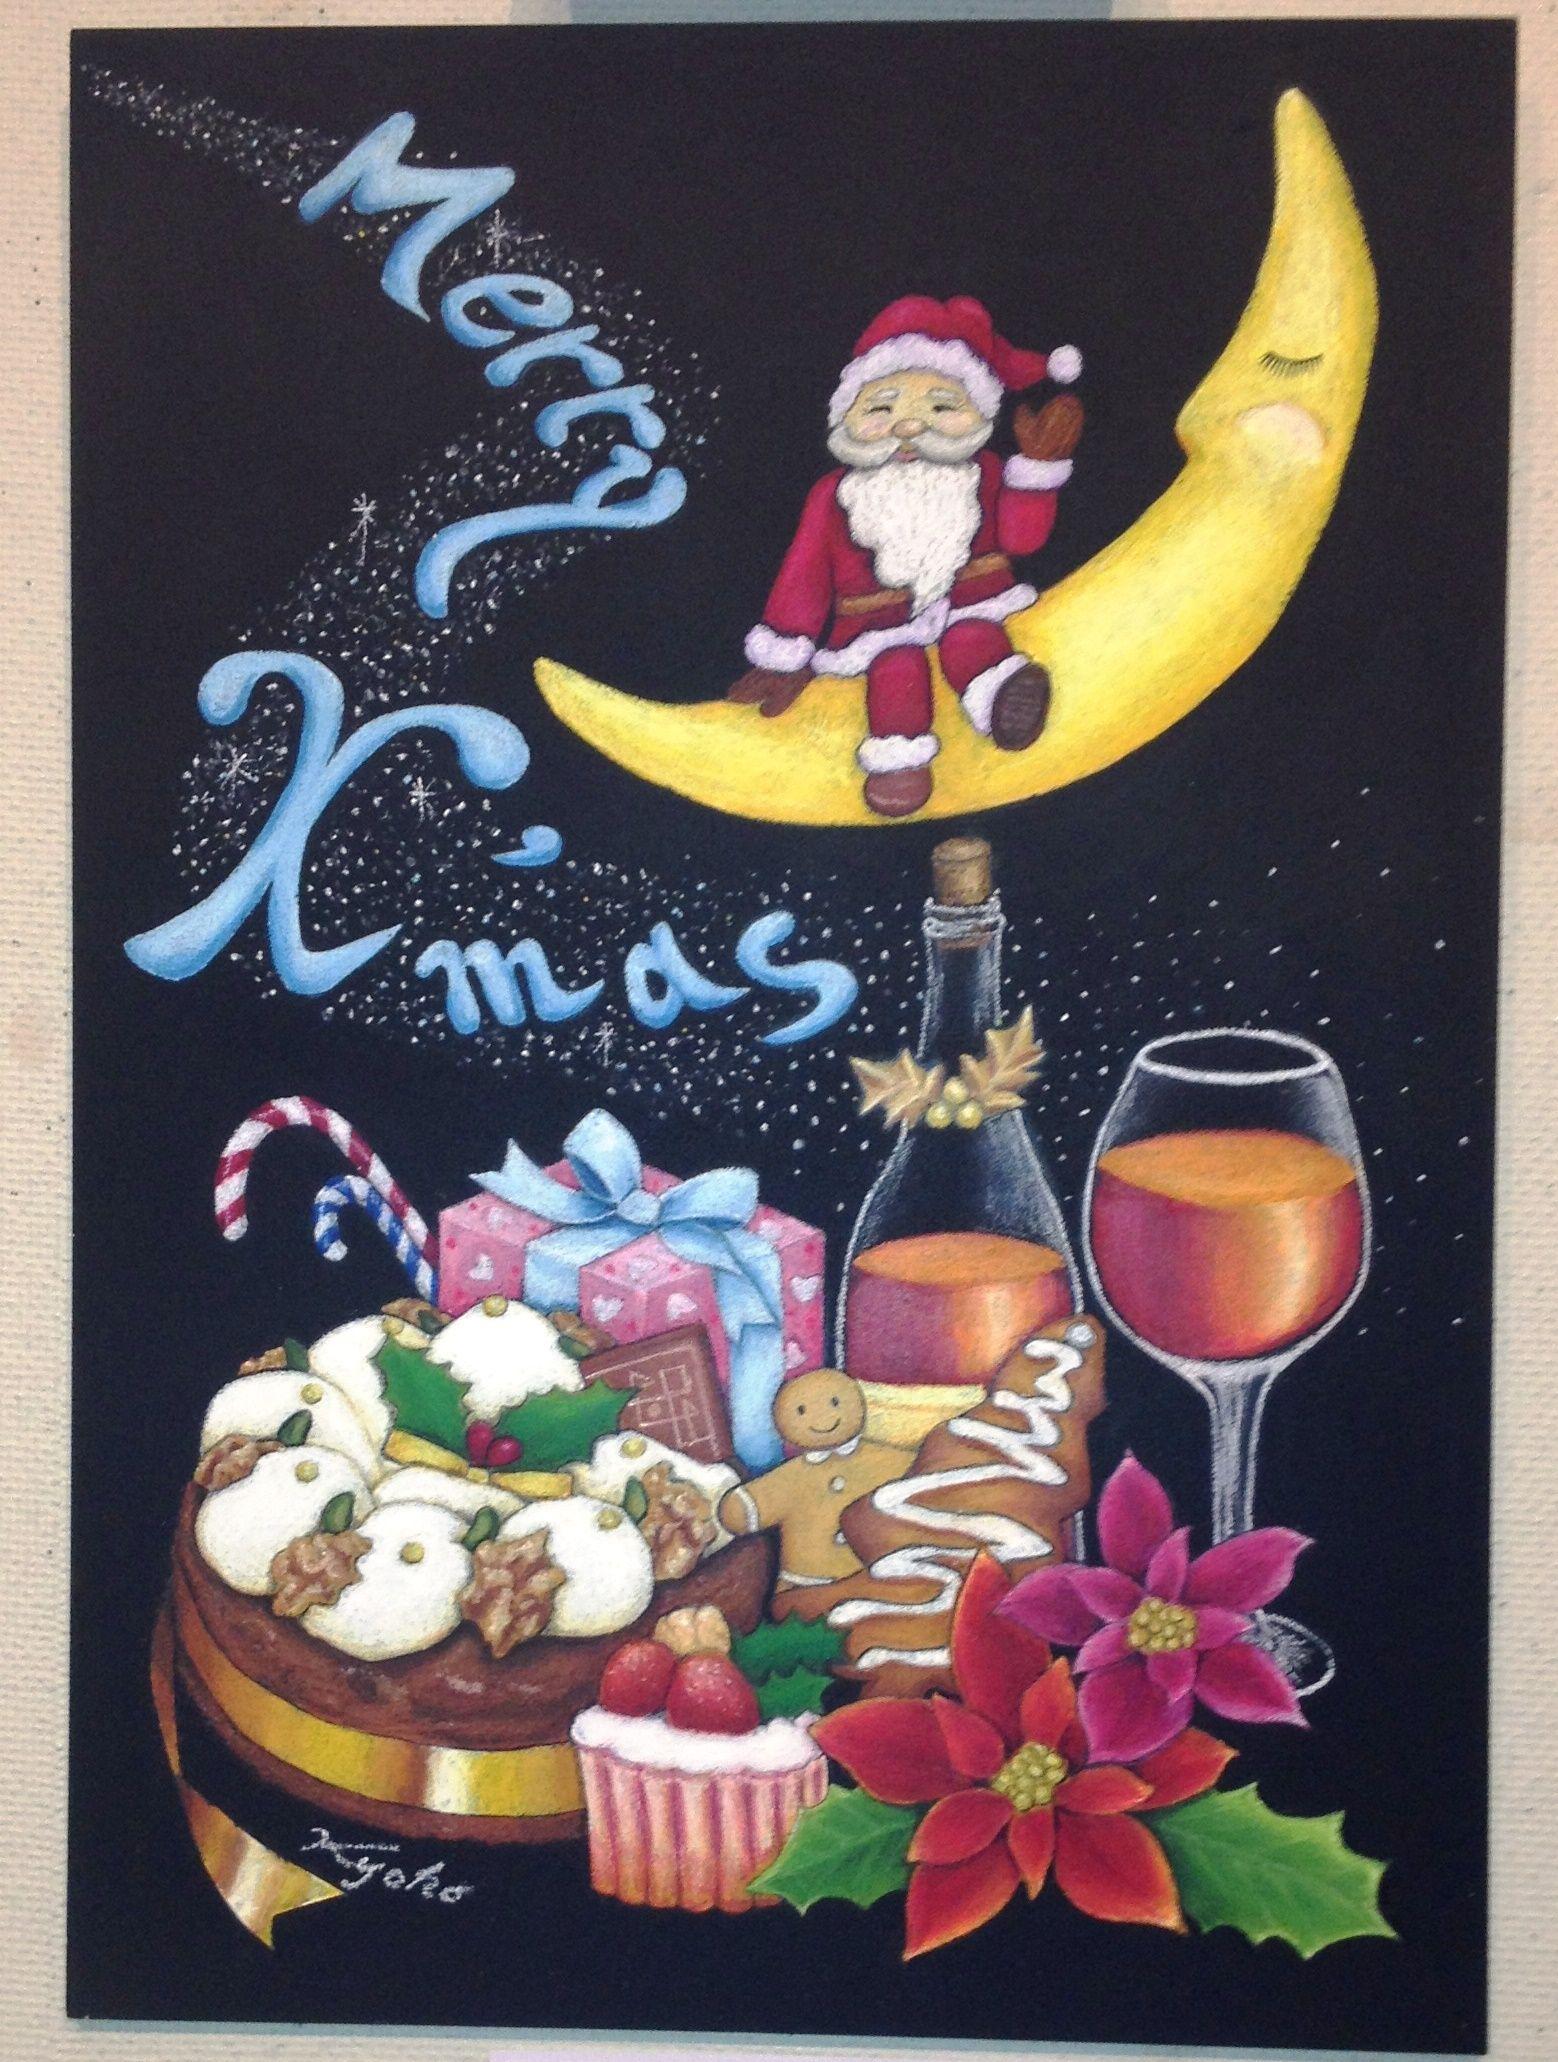 「クリスマス」私のチョークアート作品です。